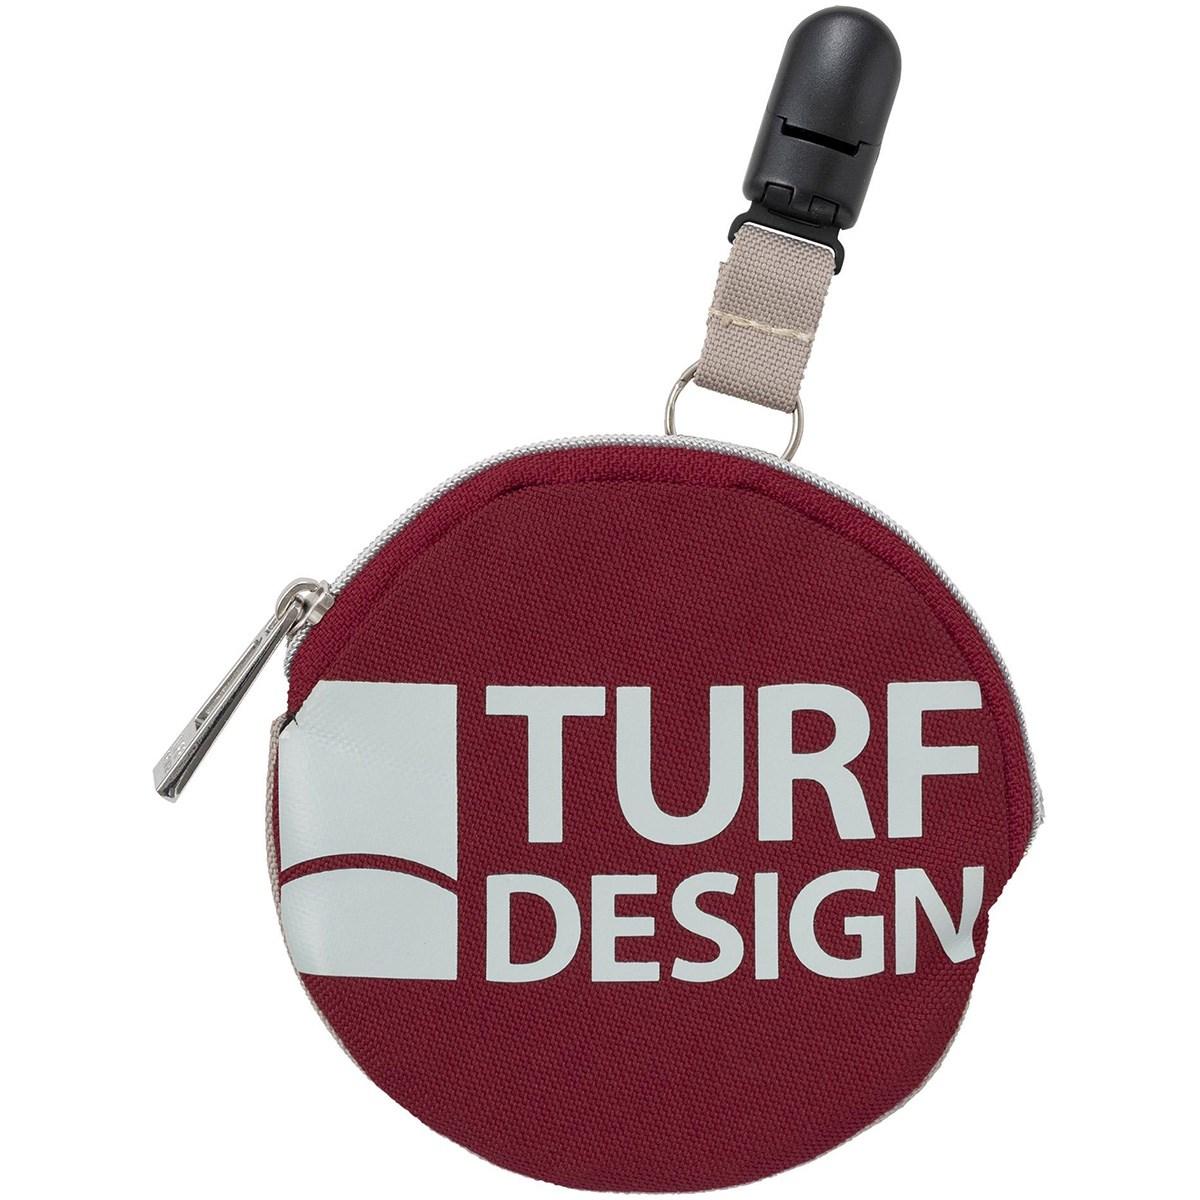 ターフデザイン TURF DESIGN 2WAY パターキャッチャー機能付き ボールクリーナー レッド